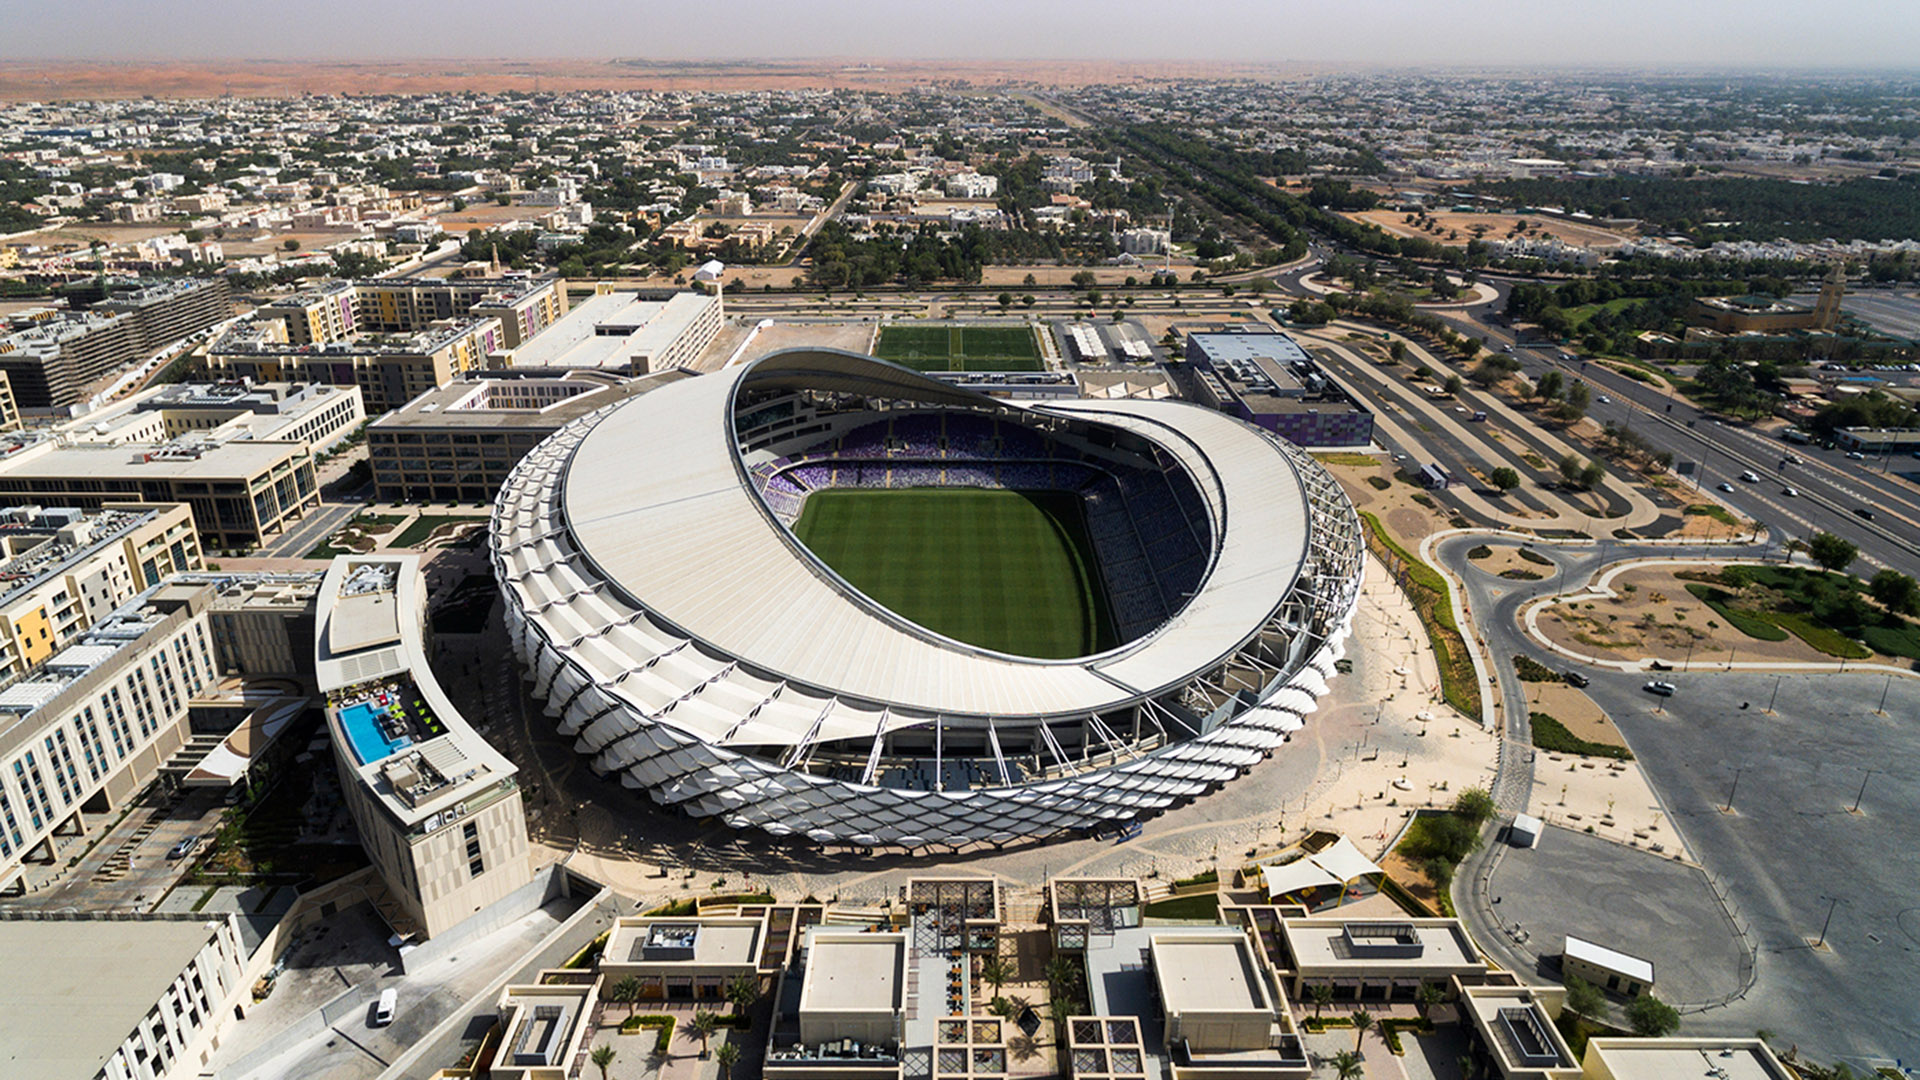 El estadio donde se jugará el 18 de diciembre el equipo ganador de Argentinaes el Hazza bin Zayed, del equipo de fútbol Al-Ain FC